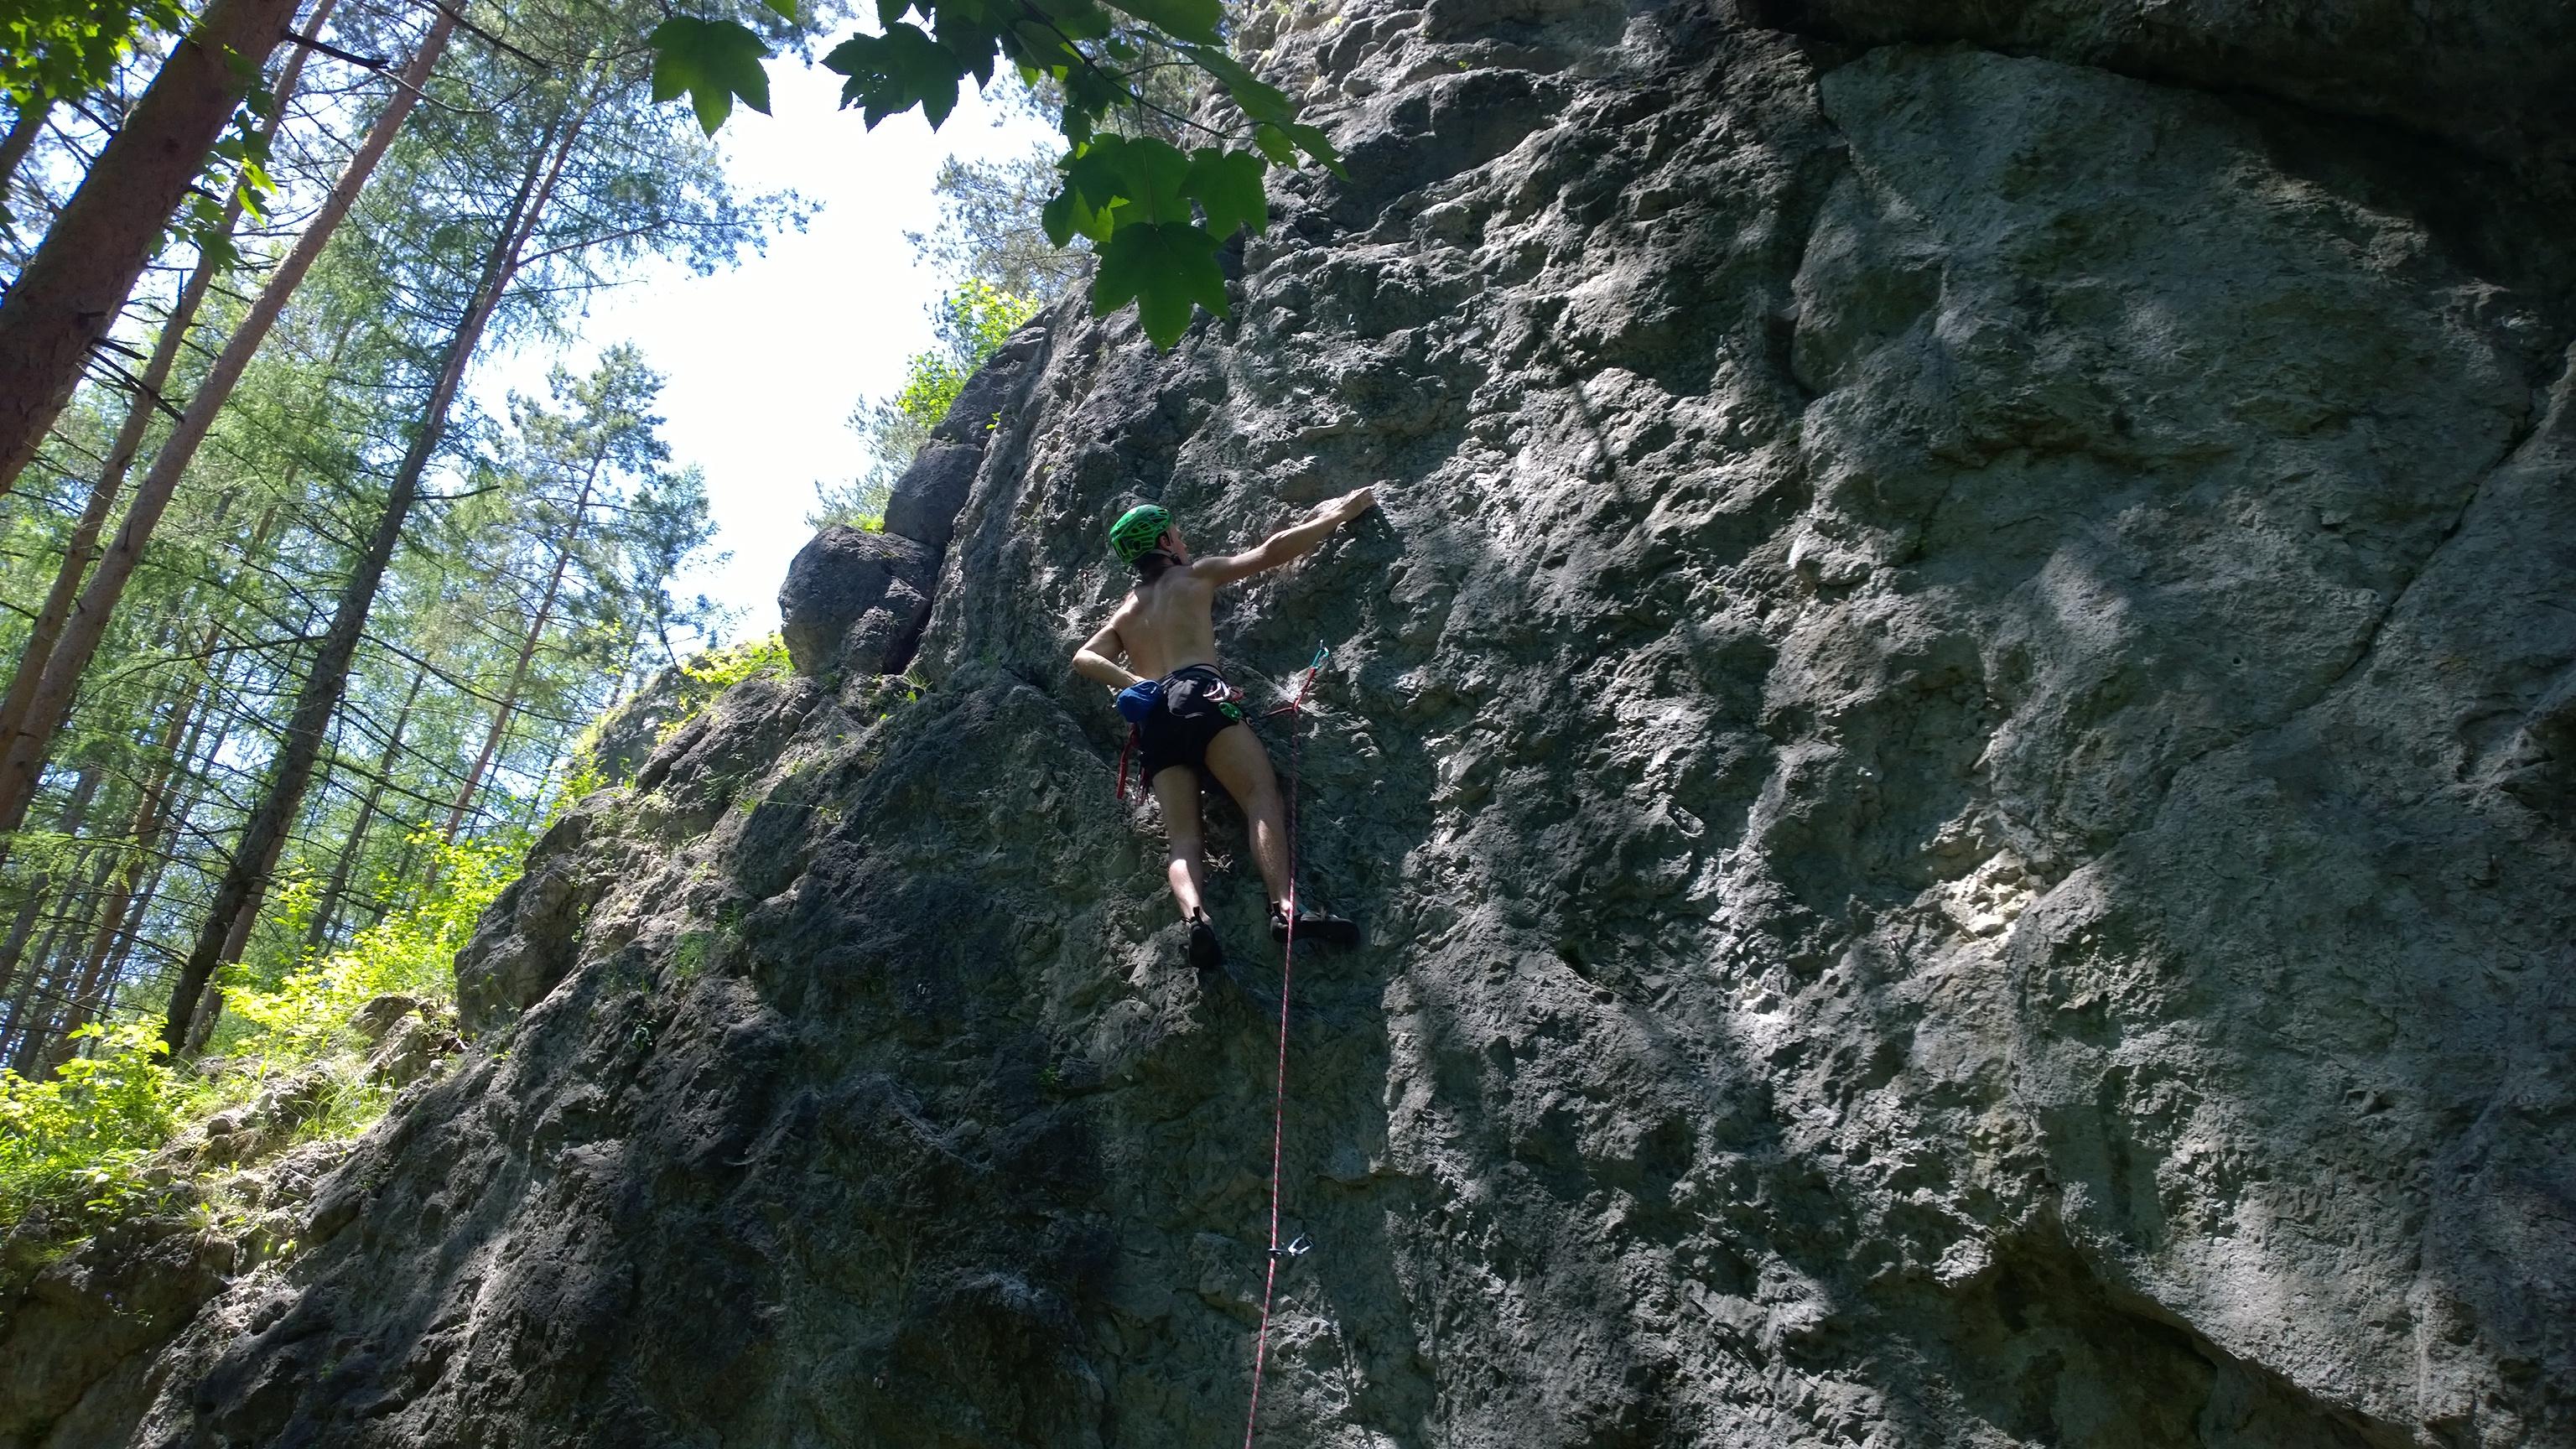 slovenské skaly, oblasť lietačky, lezecká cesta Marny